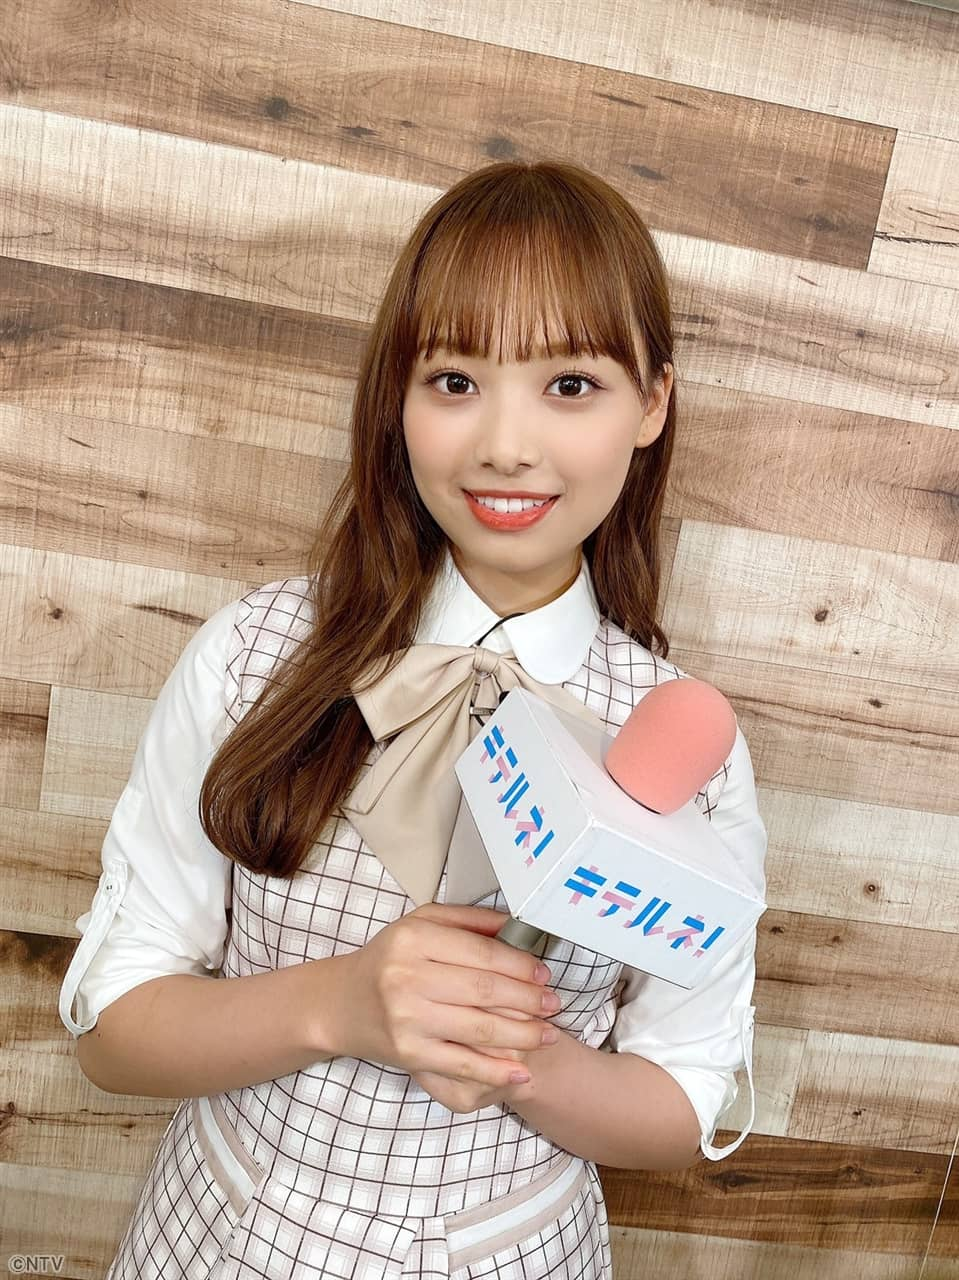 日向坂46 濱岸ひよりが「ZIP!」に出演!この秋流行りの最新スニーカーを紹介!【2021.9.8 5:50〜 日本テレビ】